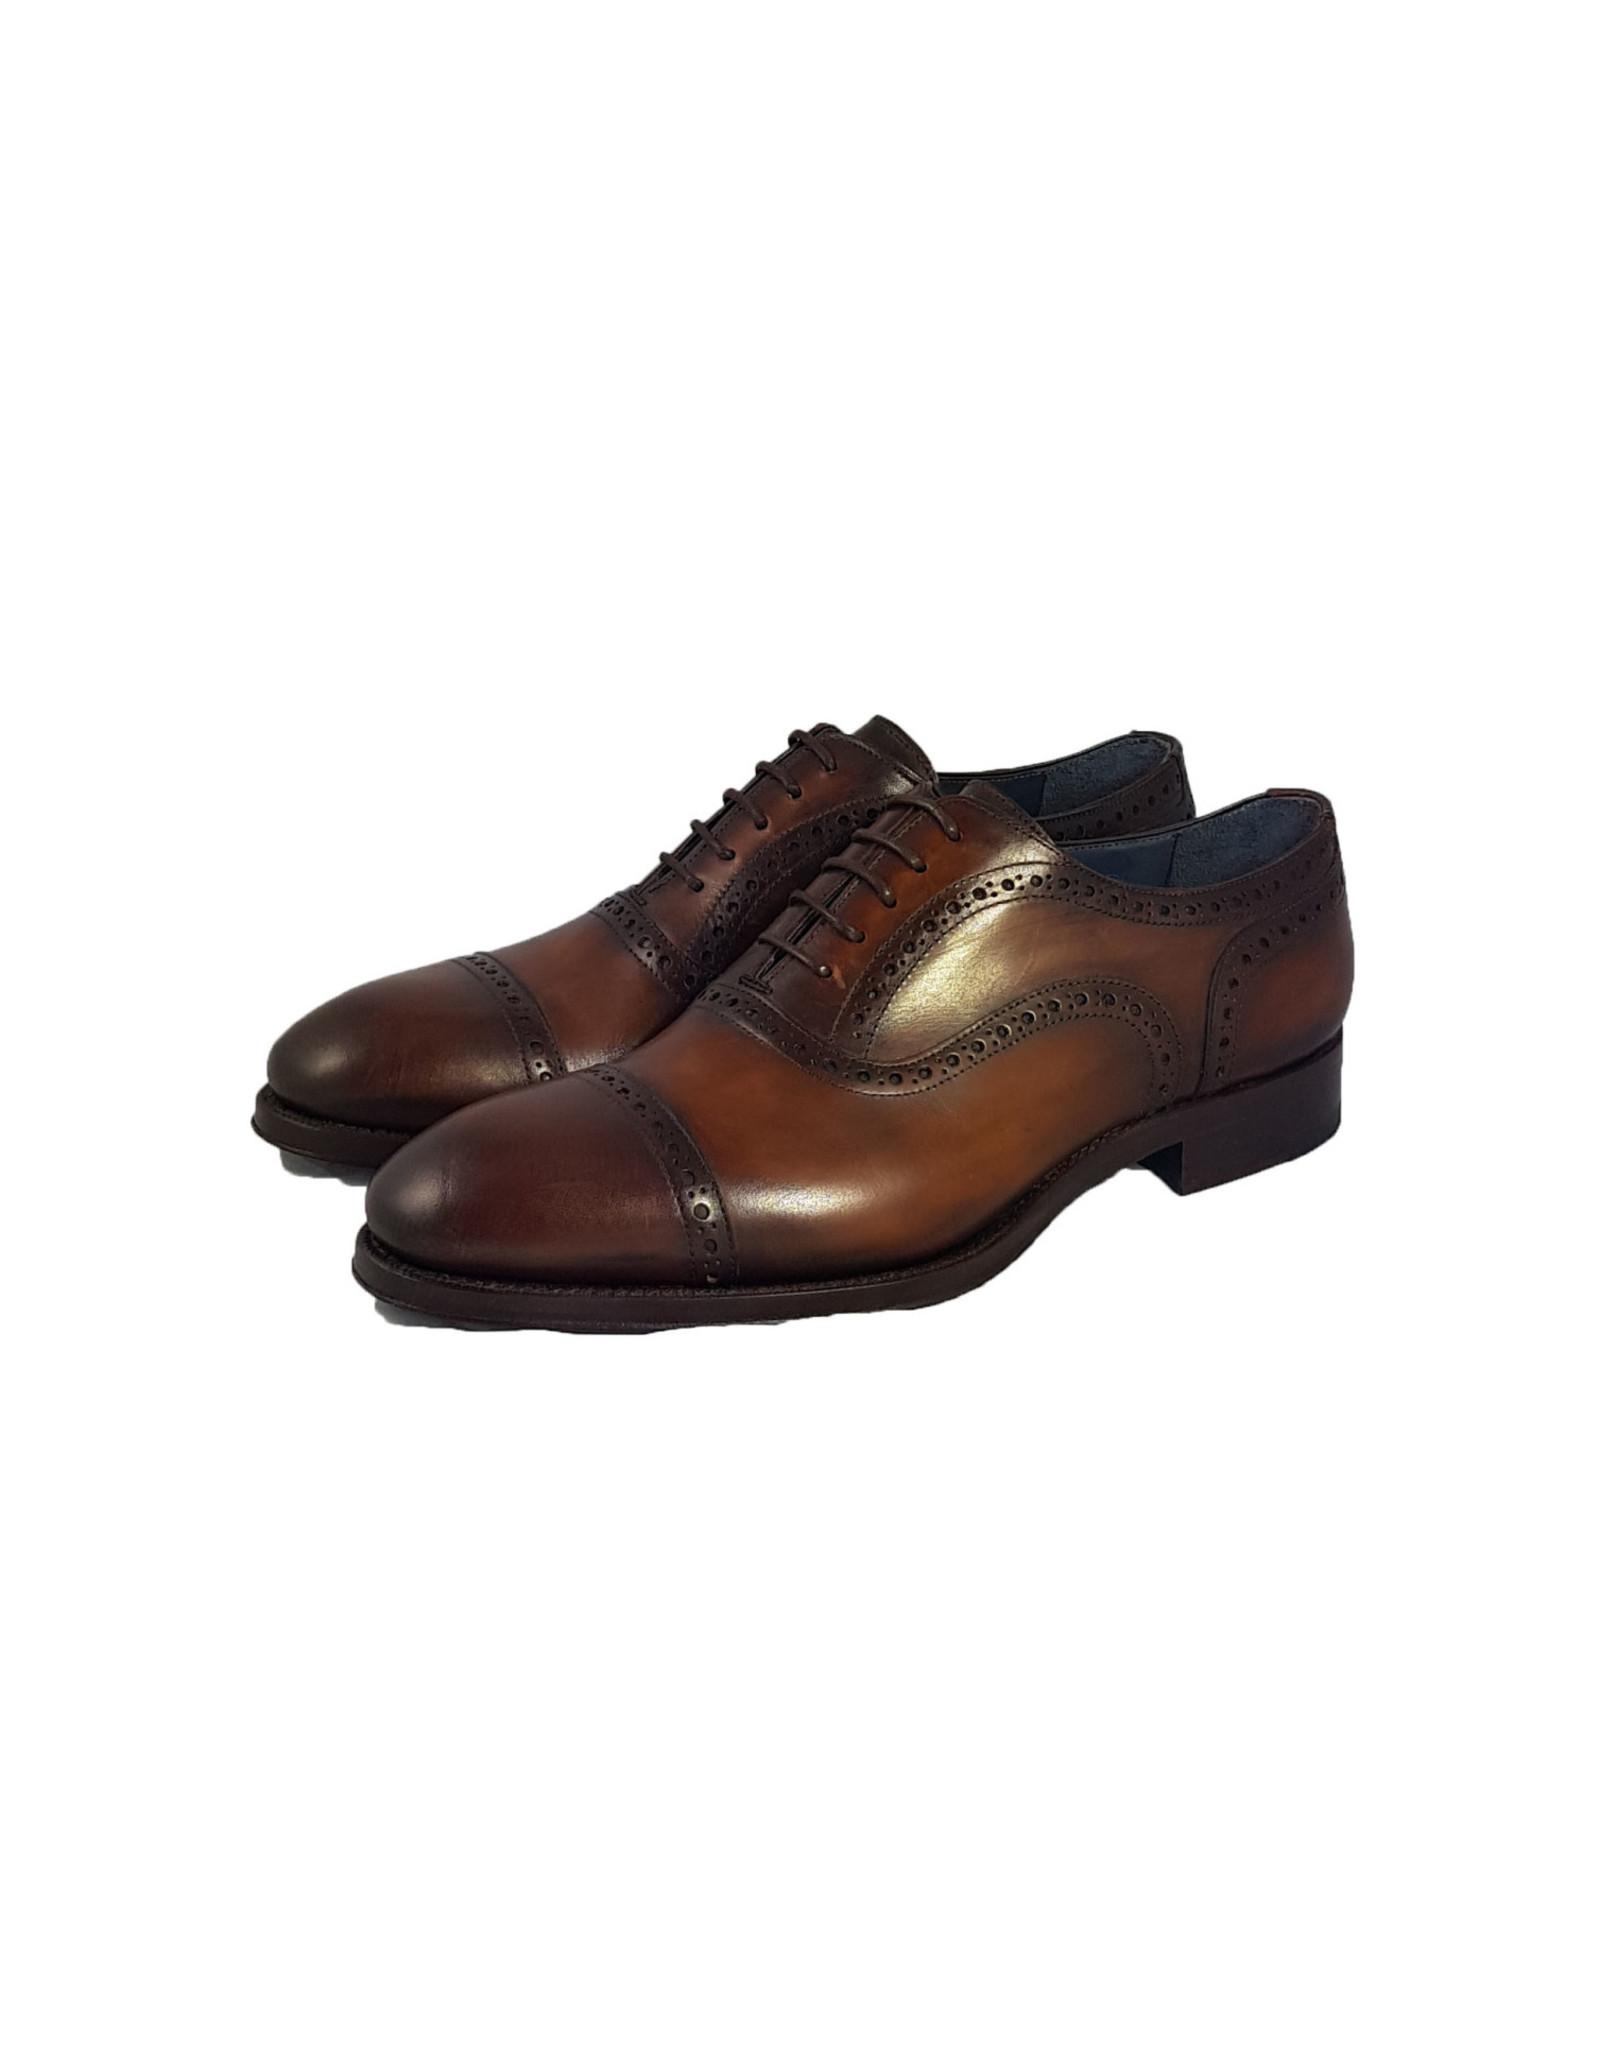 Zampiere Zampiere schoenen bruin Delave Marrone M:5173